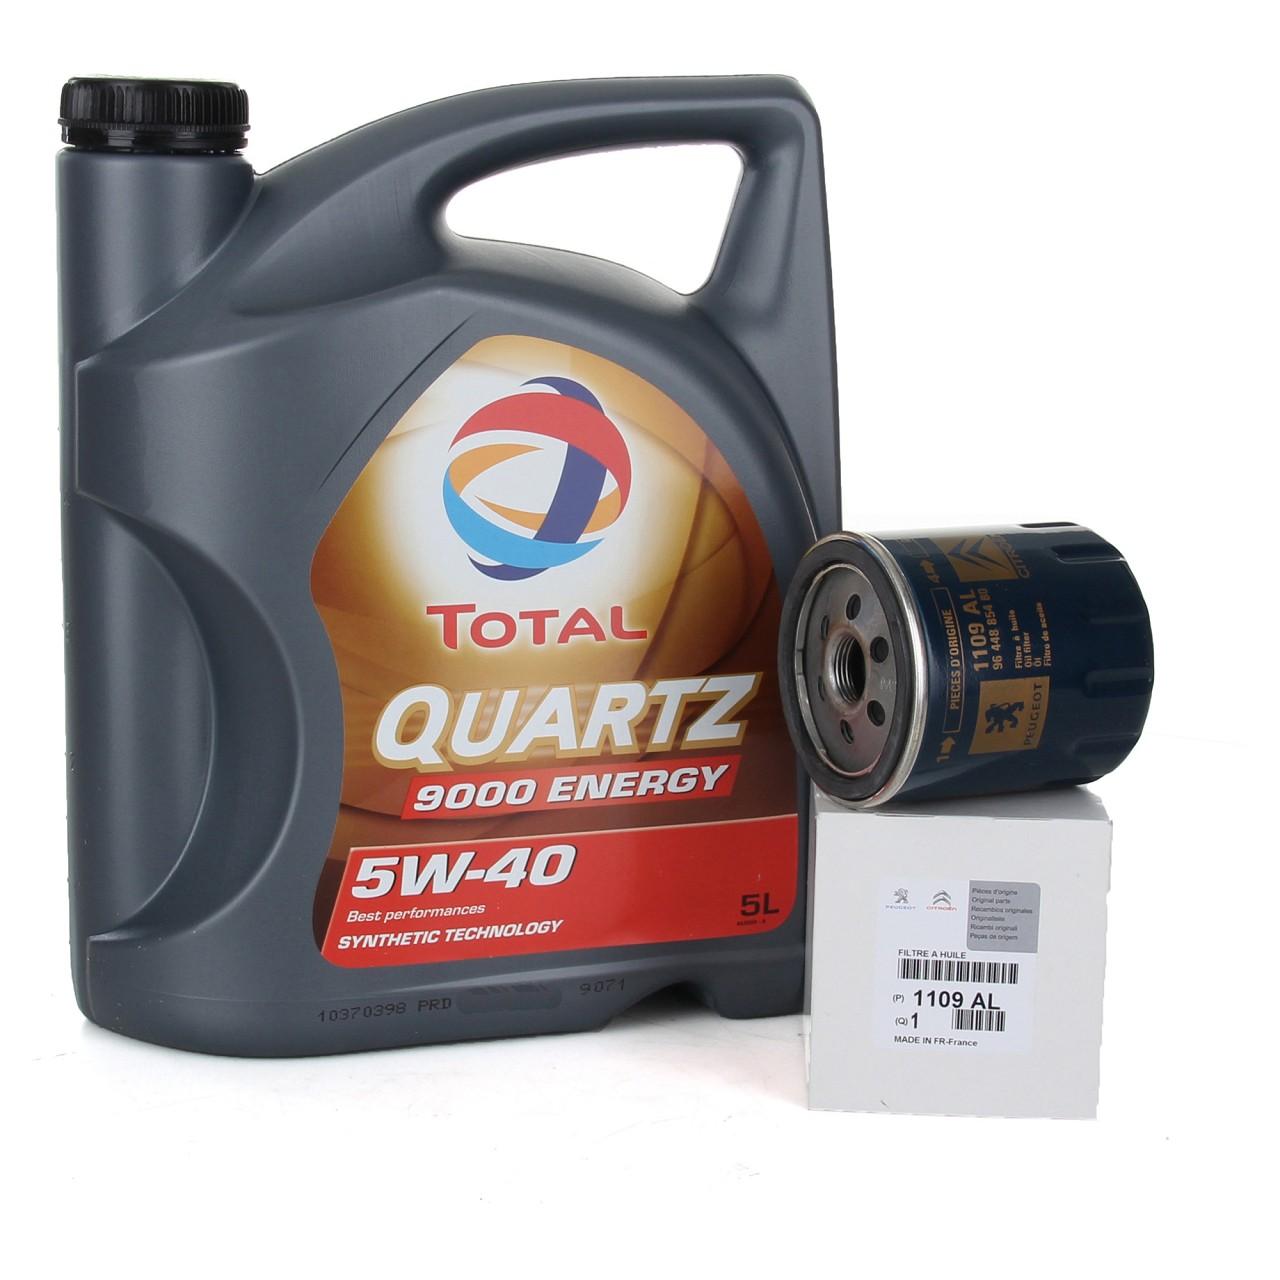 TOTAL QUARTZ 9000 ENERGY 5W-40 5 L + ORIGINAL Citroen Peugeot Ölfilter 1109.AL